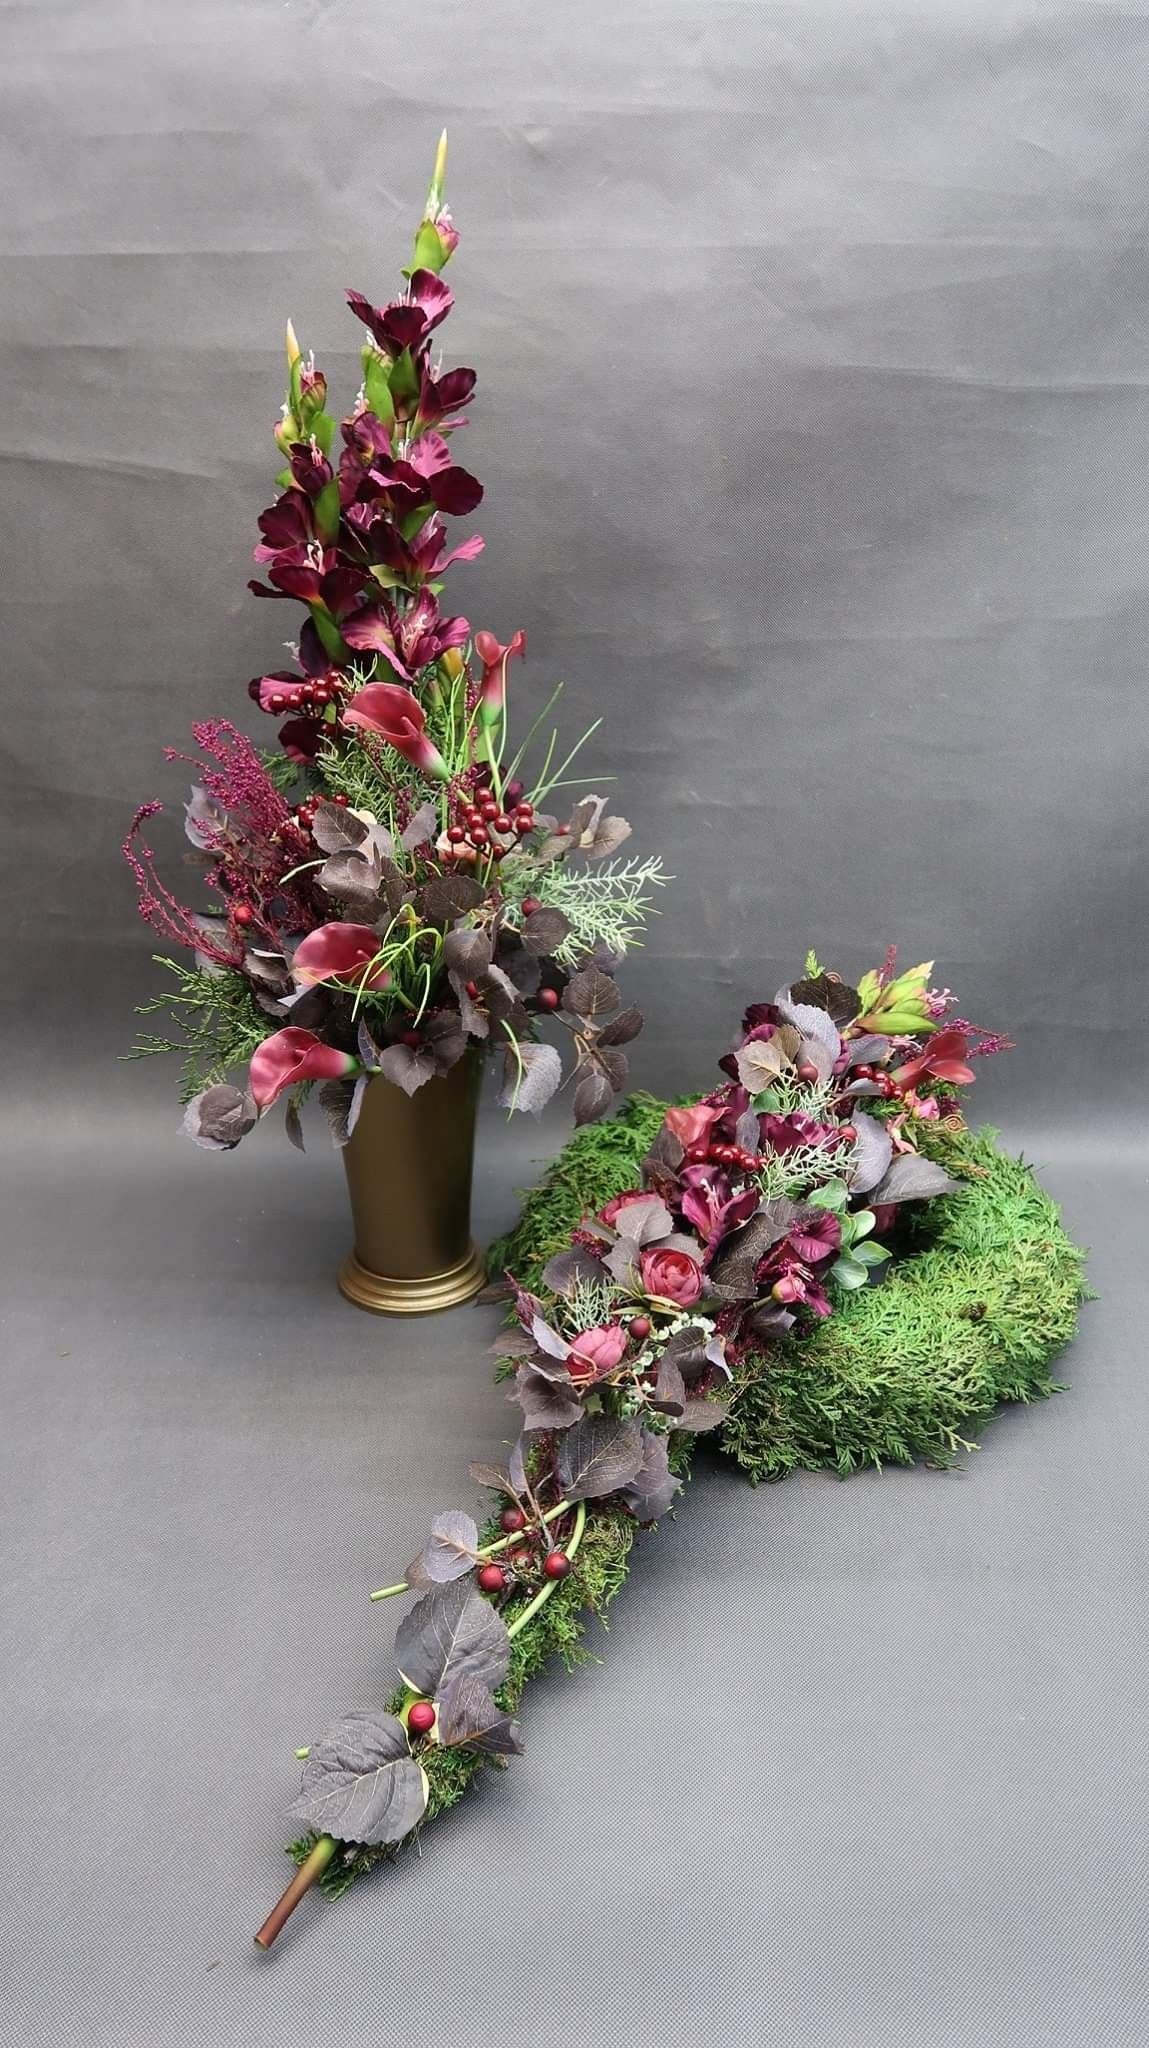 Pin By Bea Lukesz On Wience Funeral Flowers Flower Arrangements Cemetery Flowers